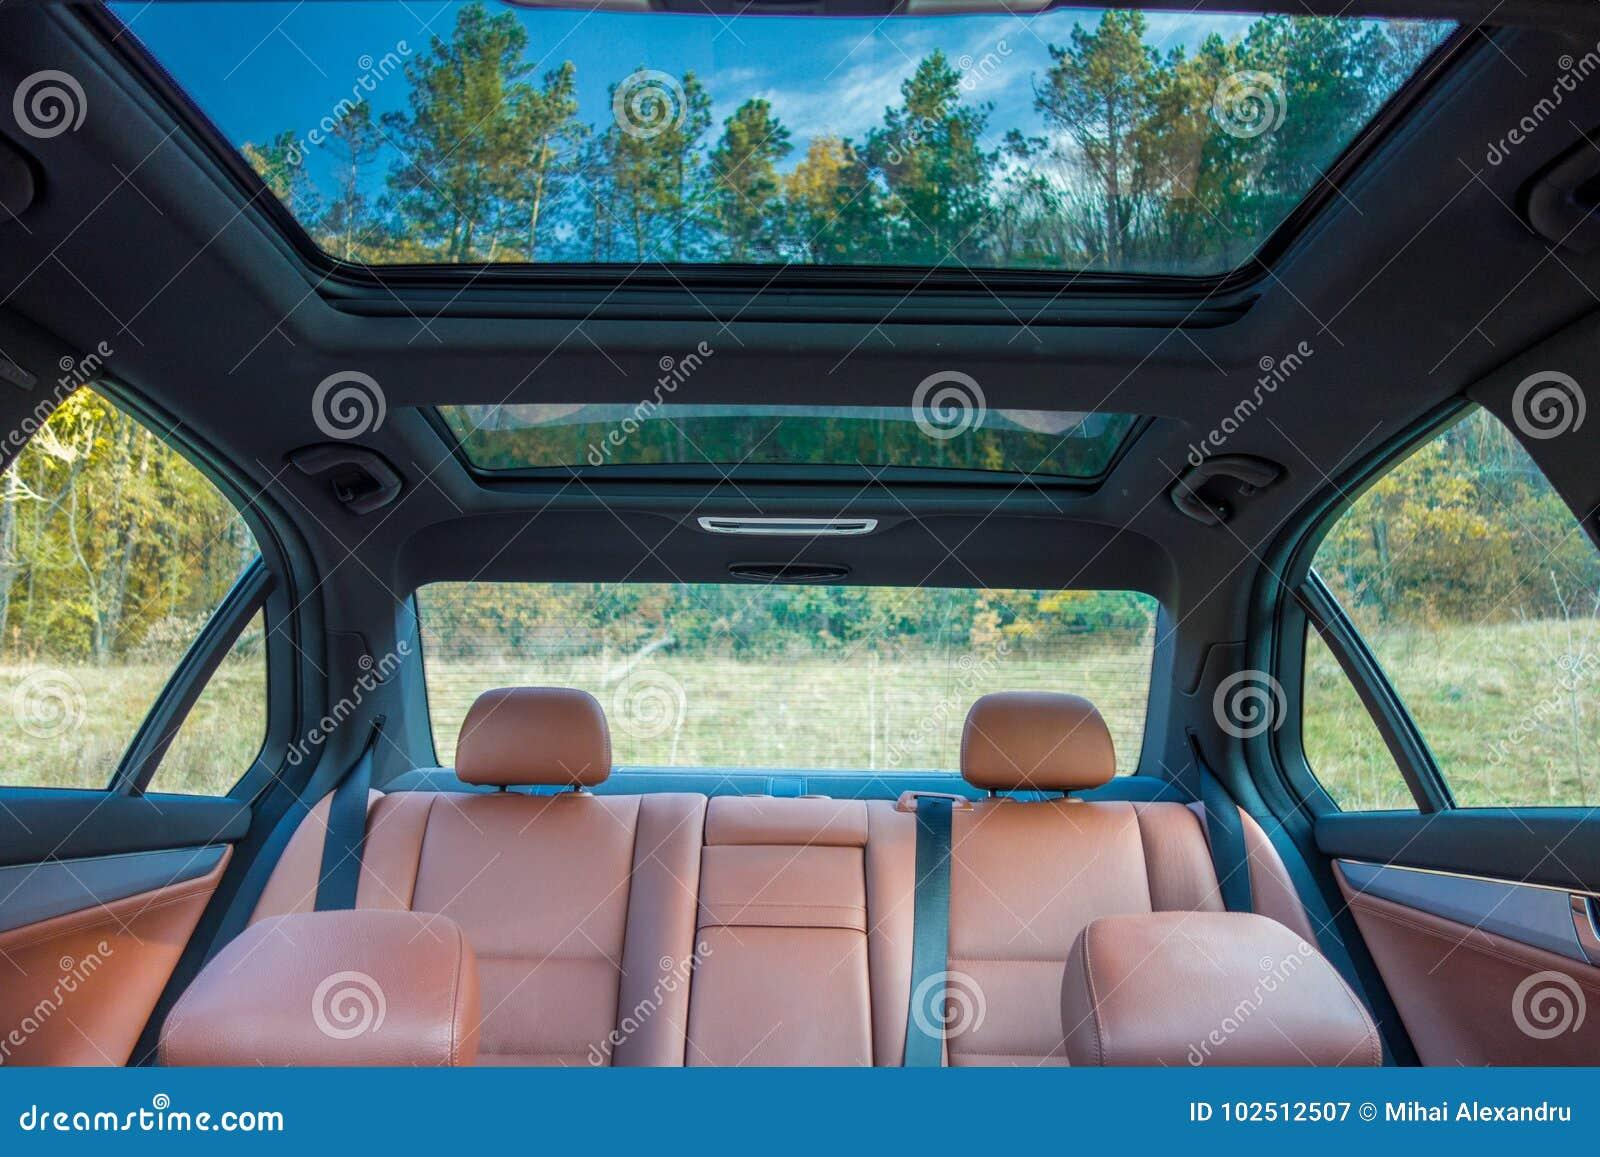 Tysk lyxig limousine - brun läderinre, stor panorama- soltak, sportutrustning